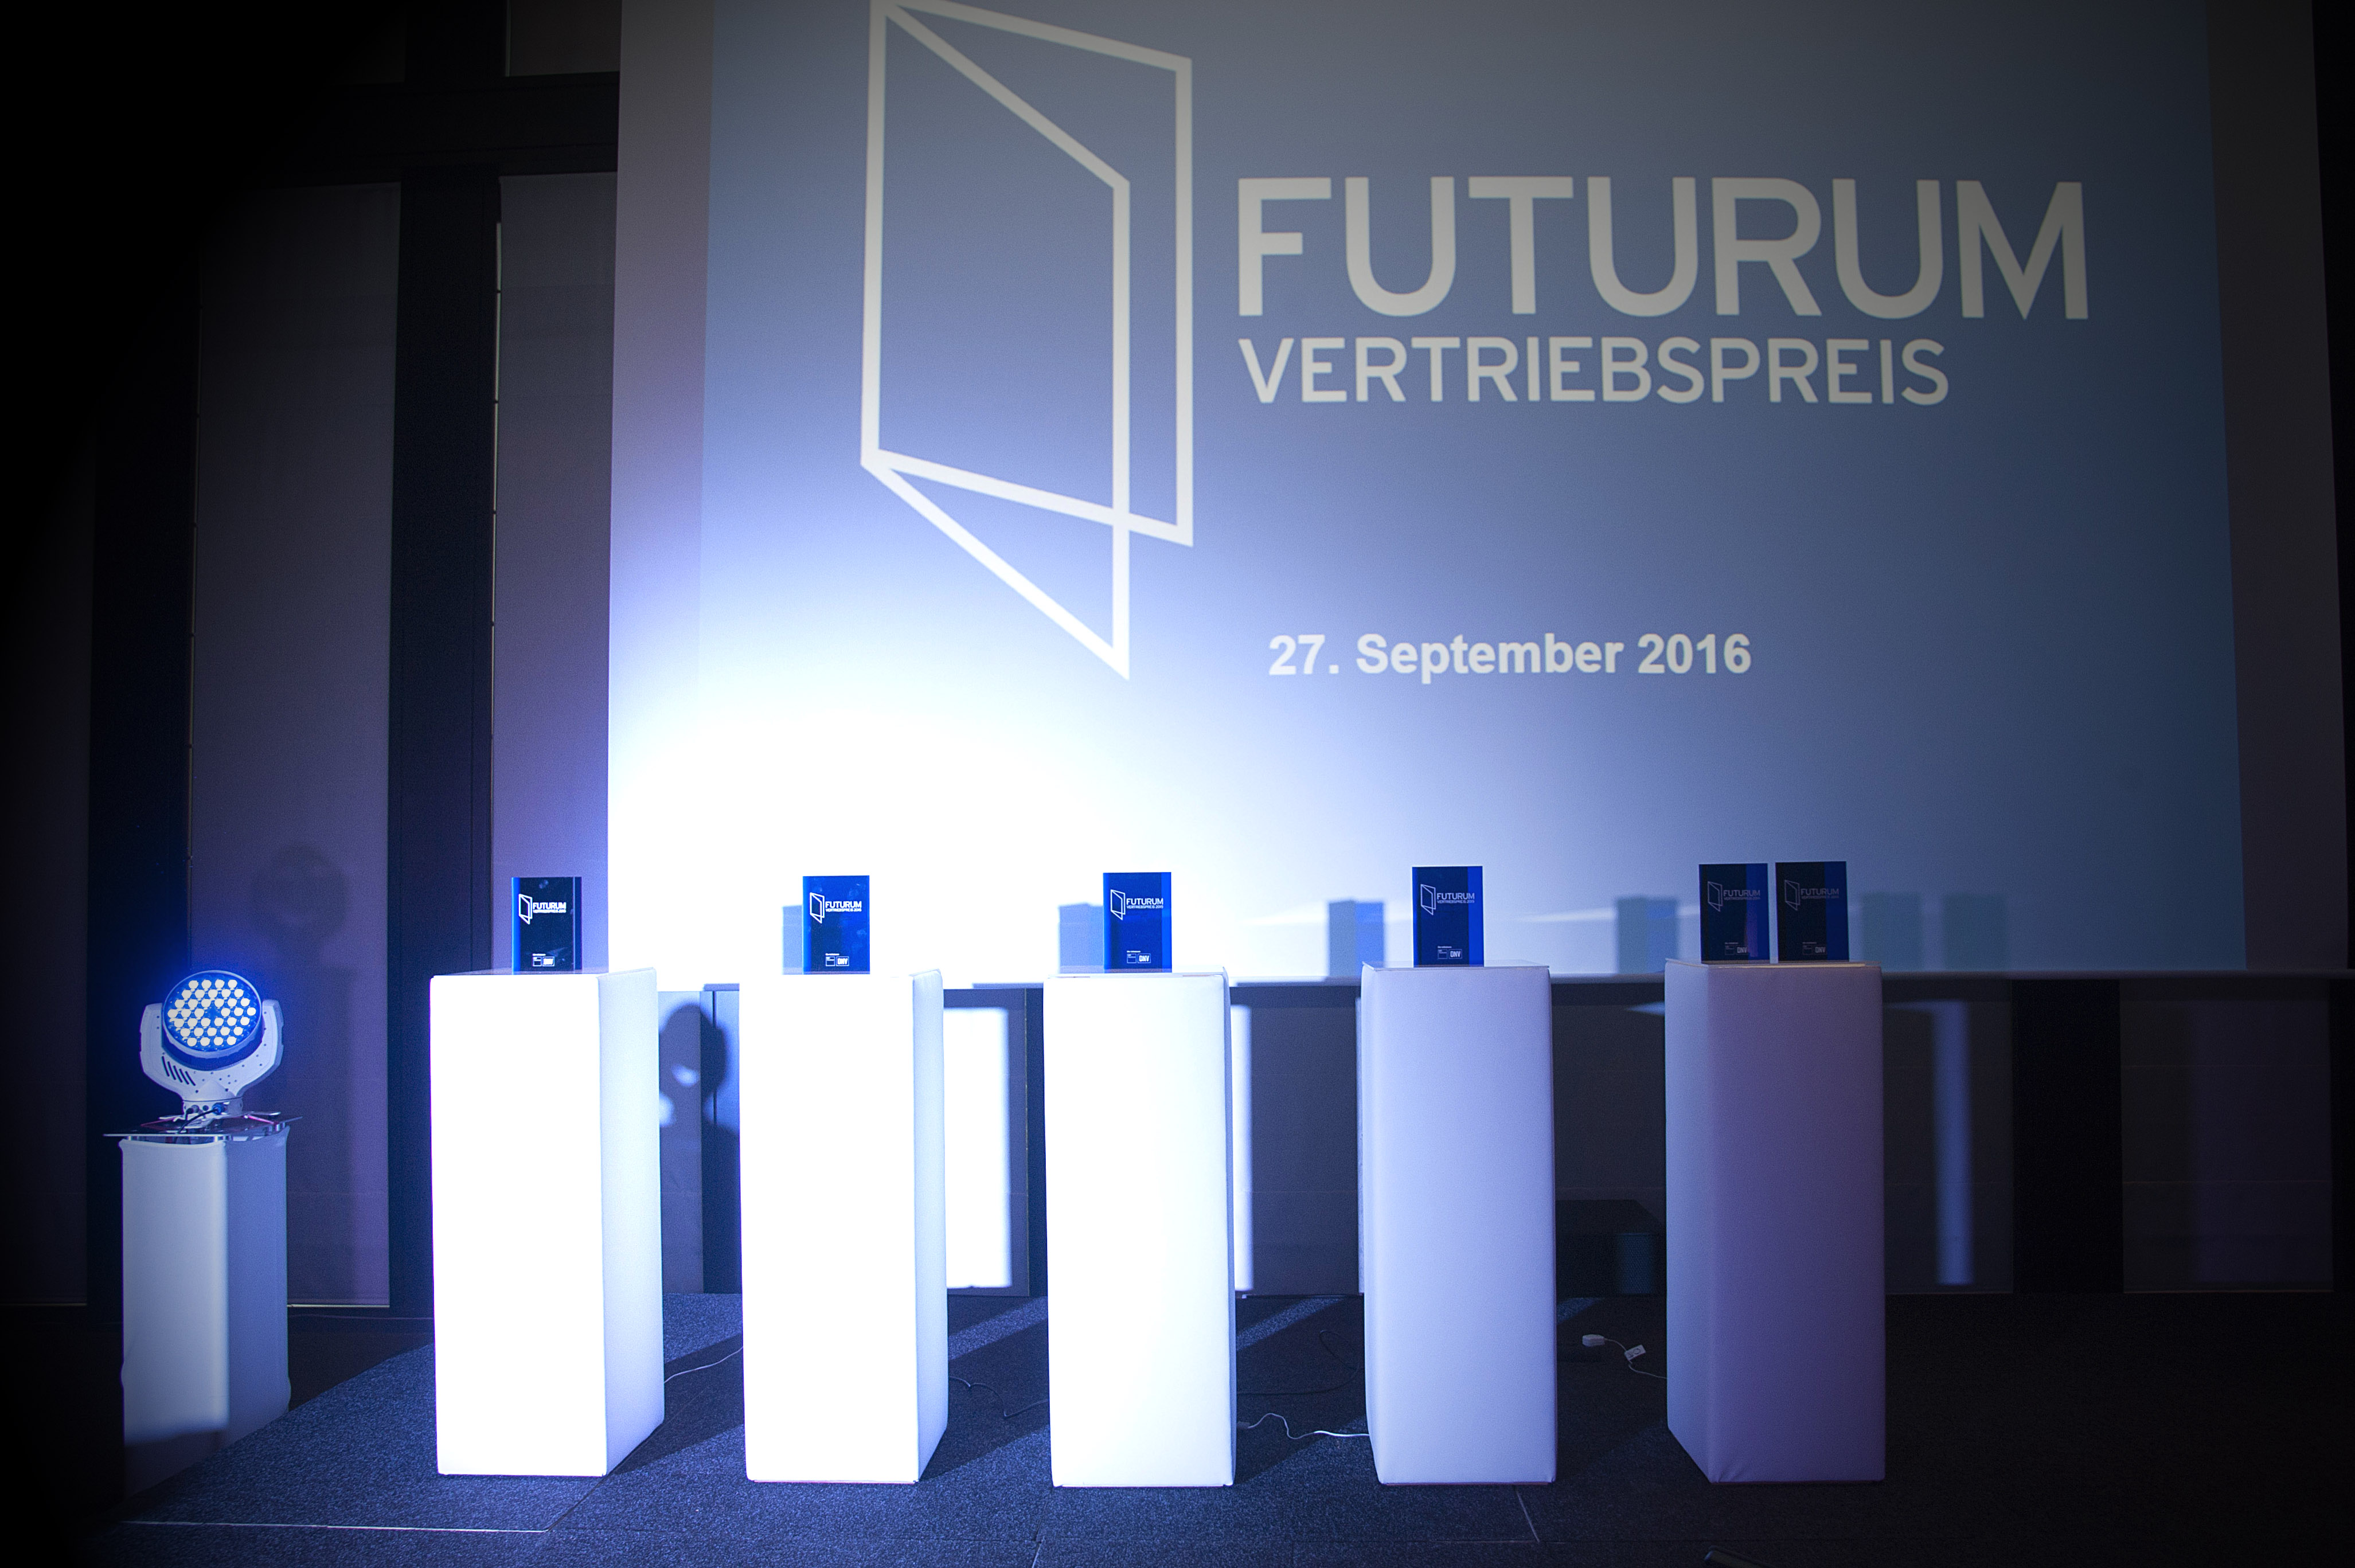 futurum-vertriebspreis-2015